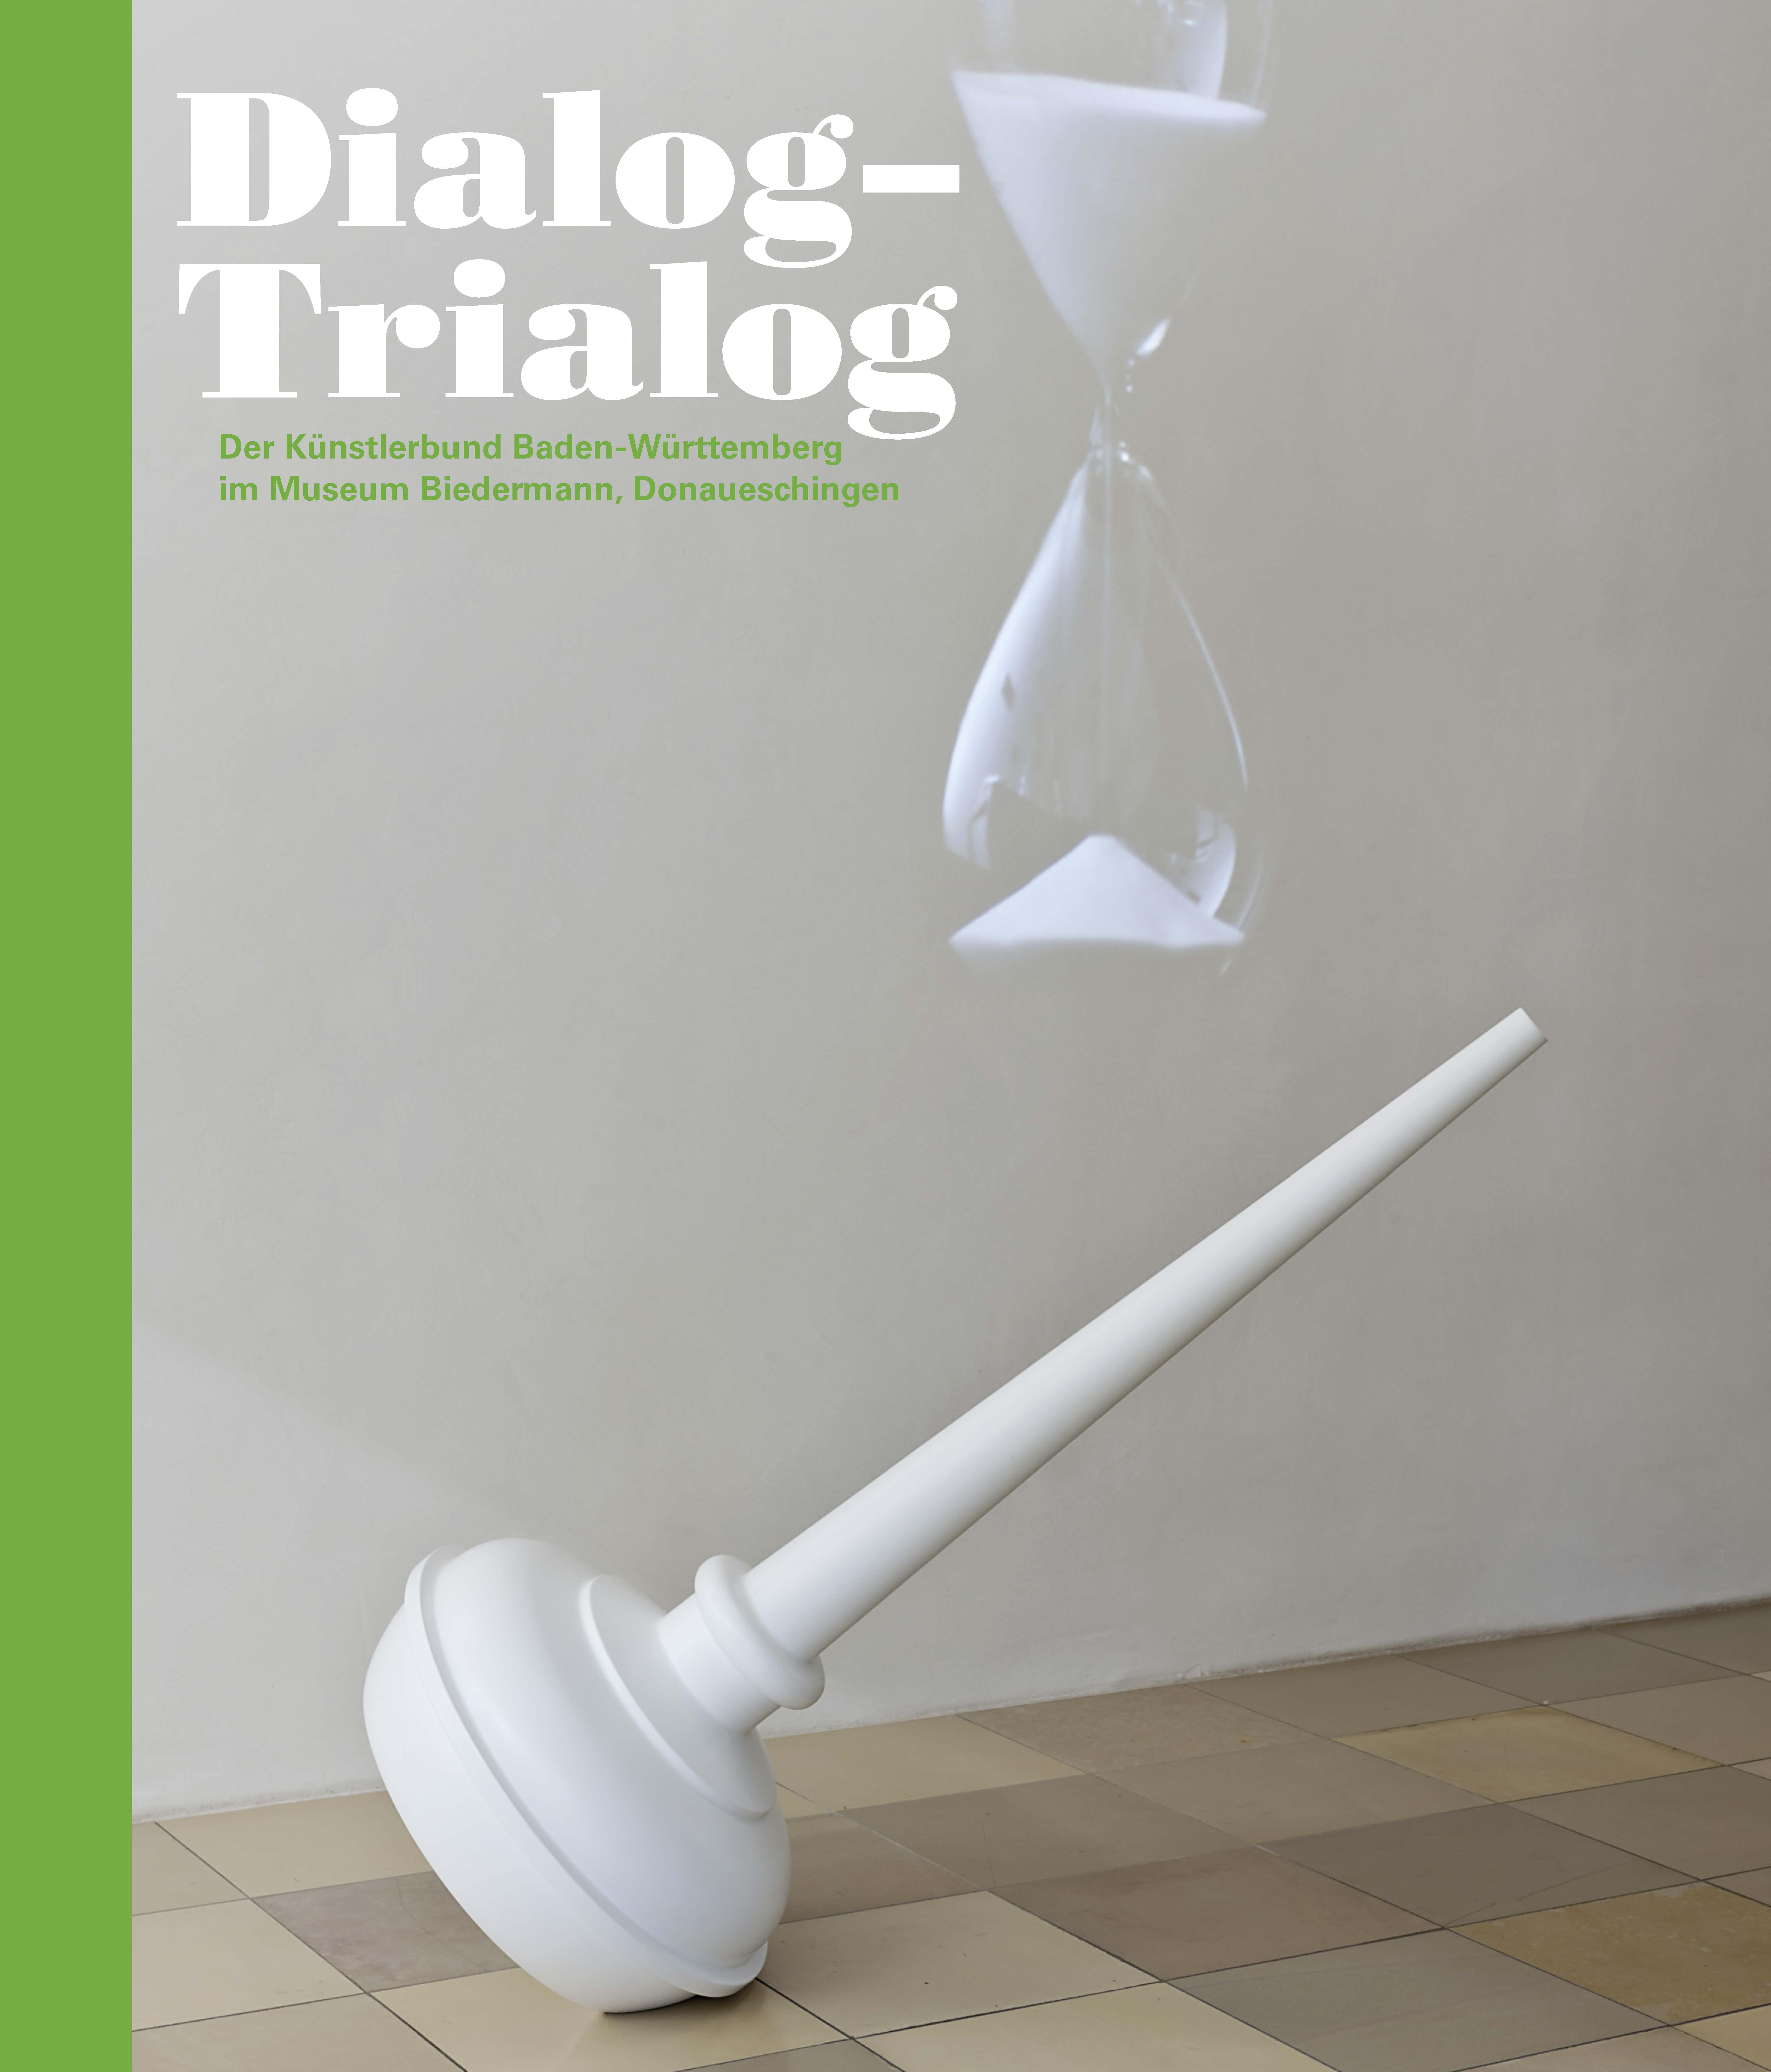 Dialog-Trialog Marjatta Hölz